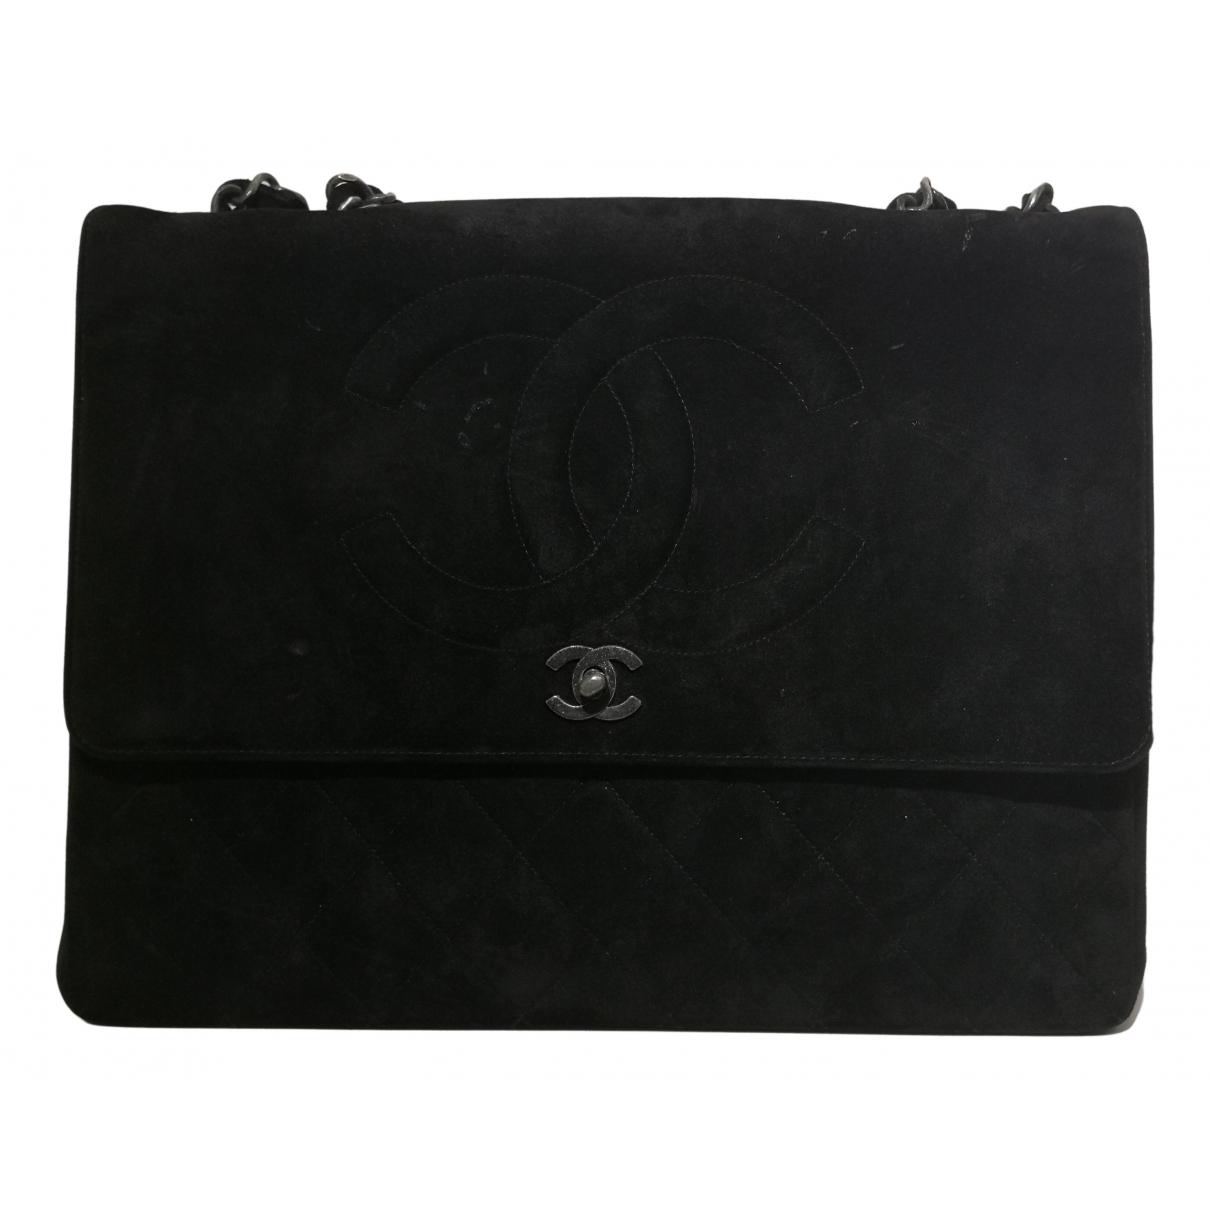 Chanel - Sac a main Timeless/Classique pour femme en suede - noir